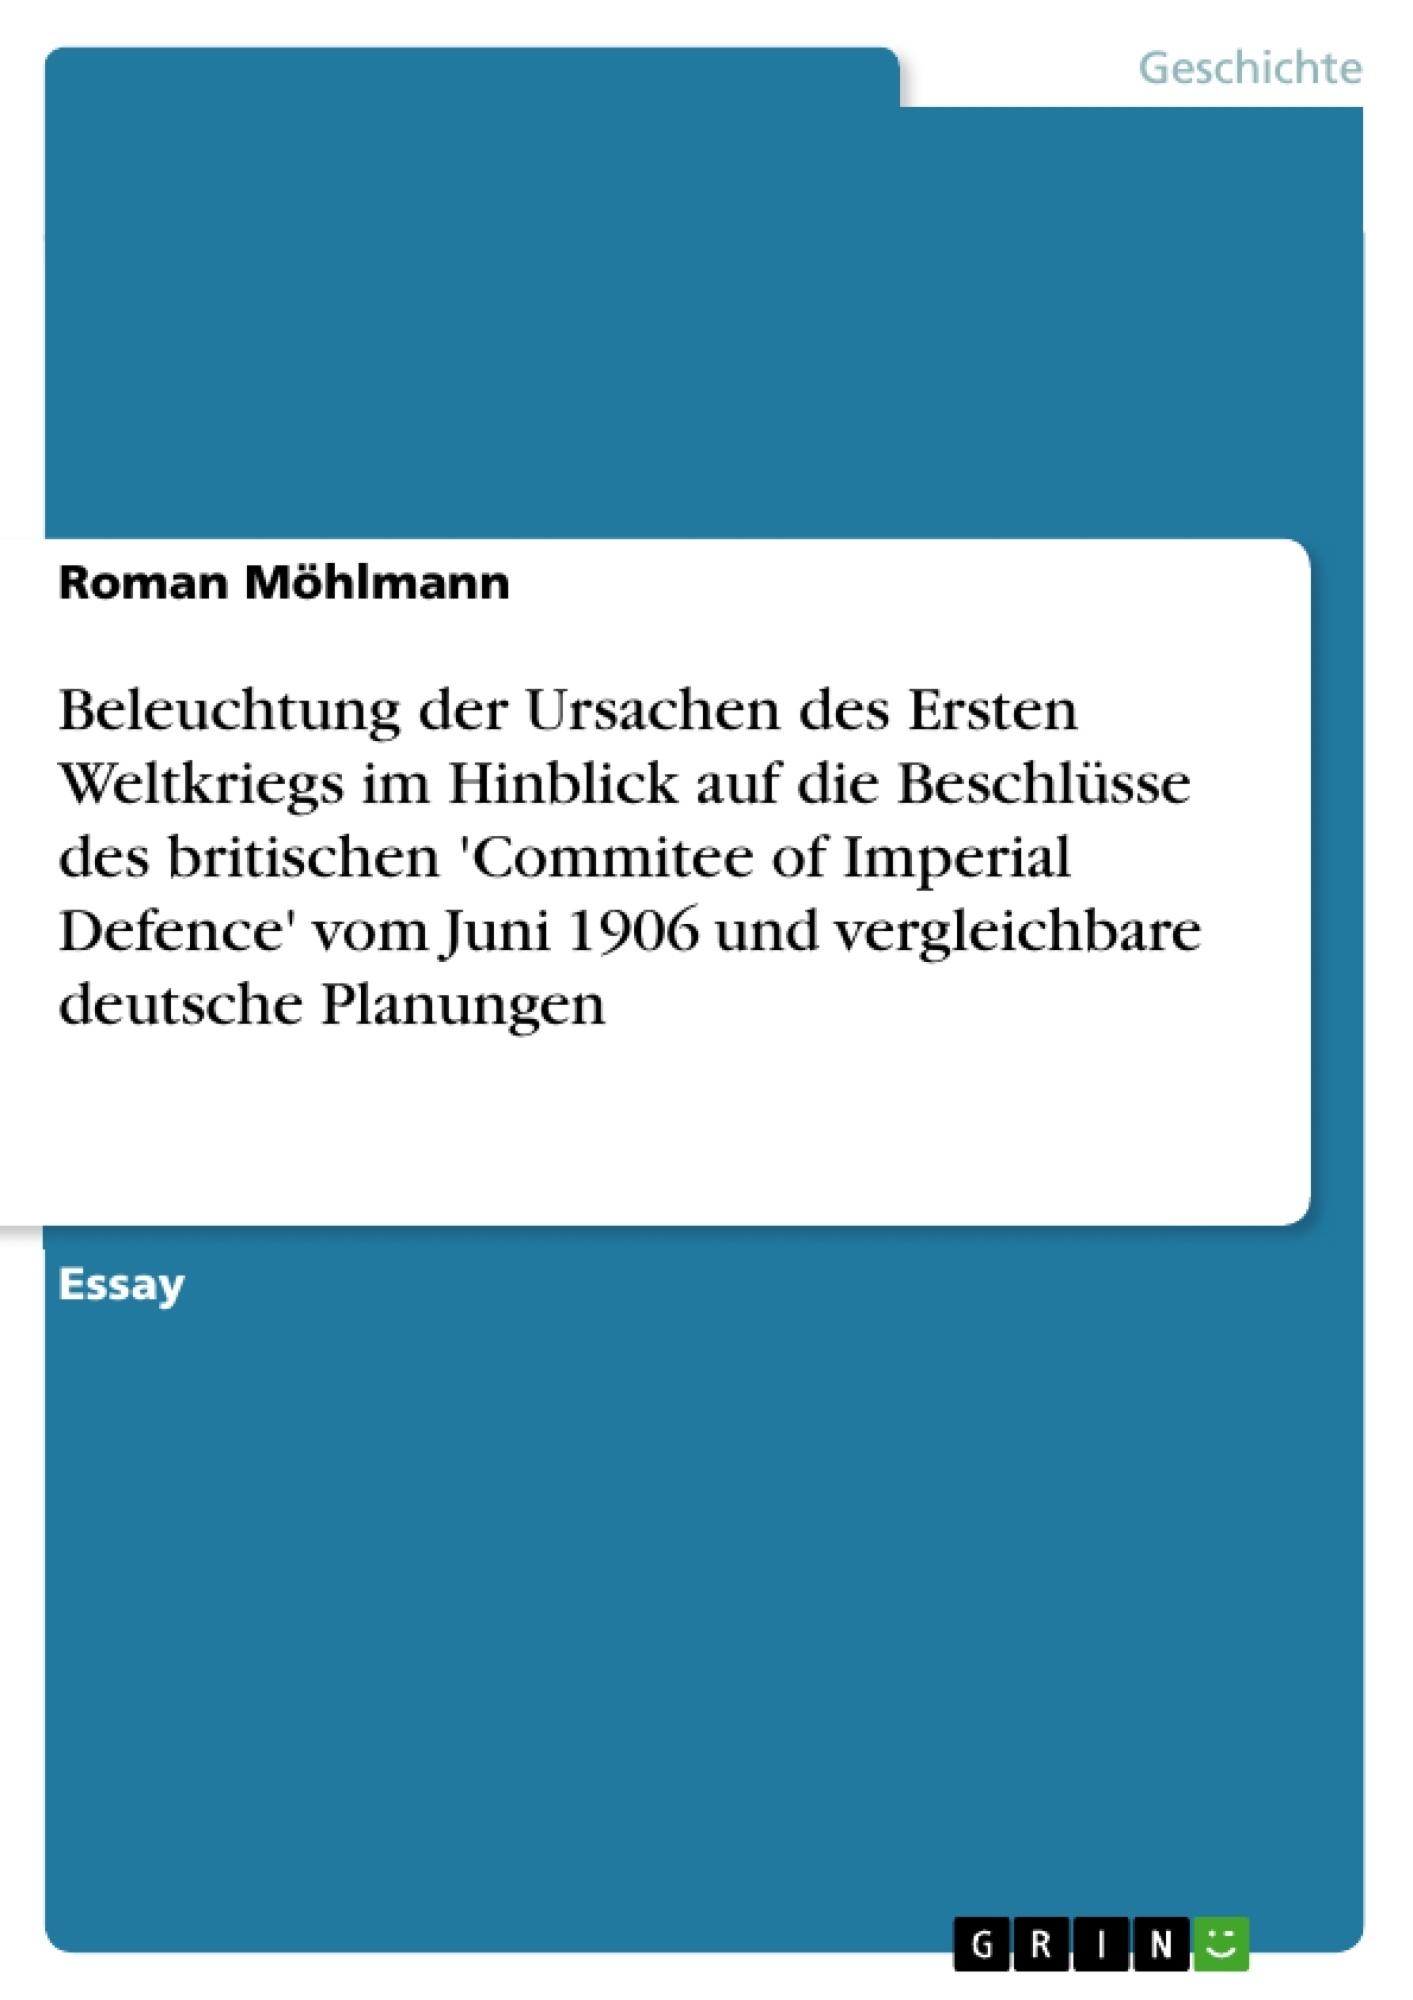 Titel: Beleuchtung der Ursachen des Ersten Weltkriegs im Hinblick auf die Beschlüsse des britischen 'Commitee of Imperial Defence' vom Juni 1906 und vergleichbare deutsche Planungen